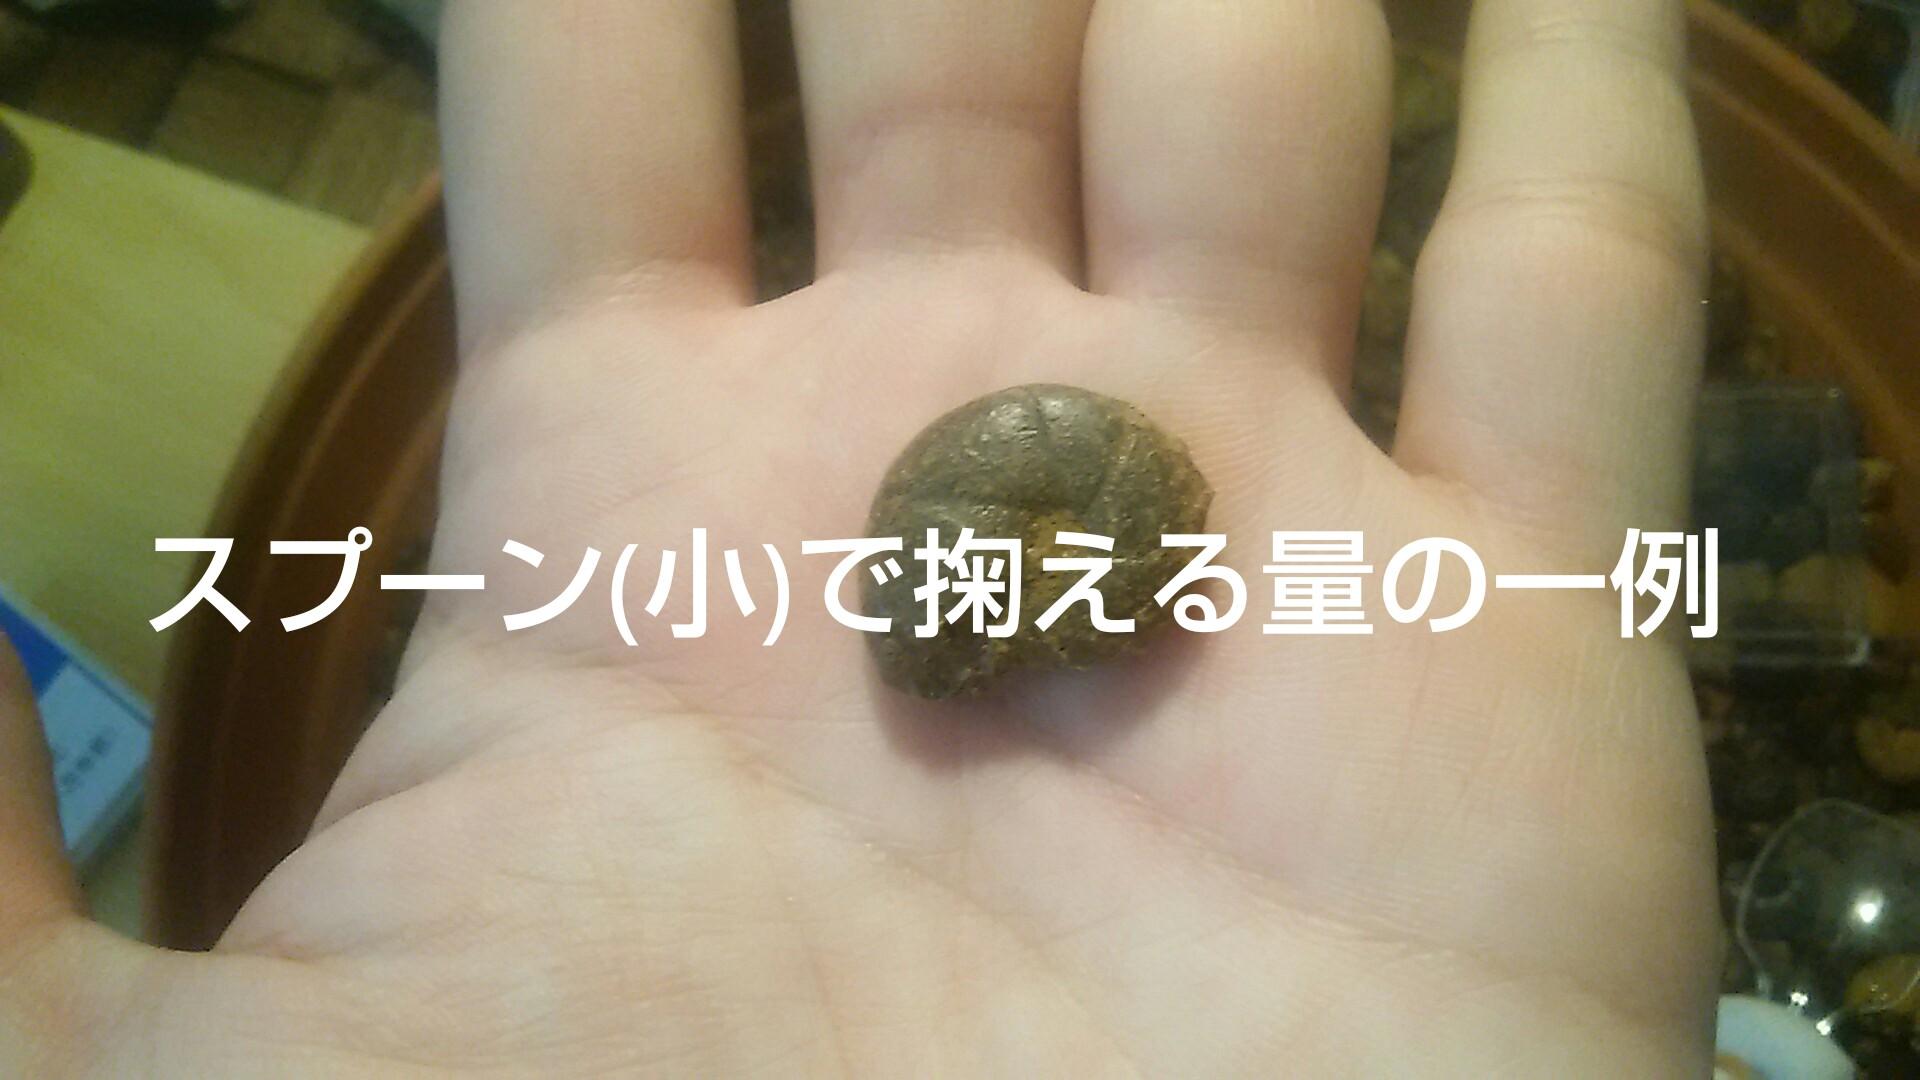 kaseki2.jpg